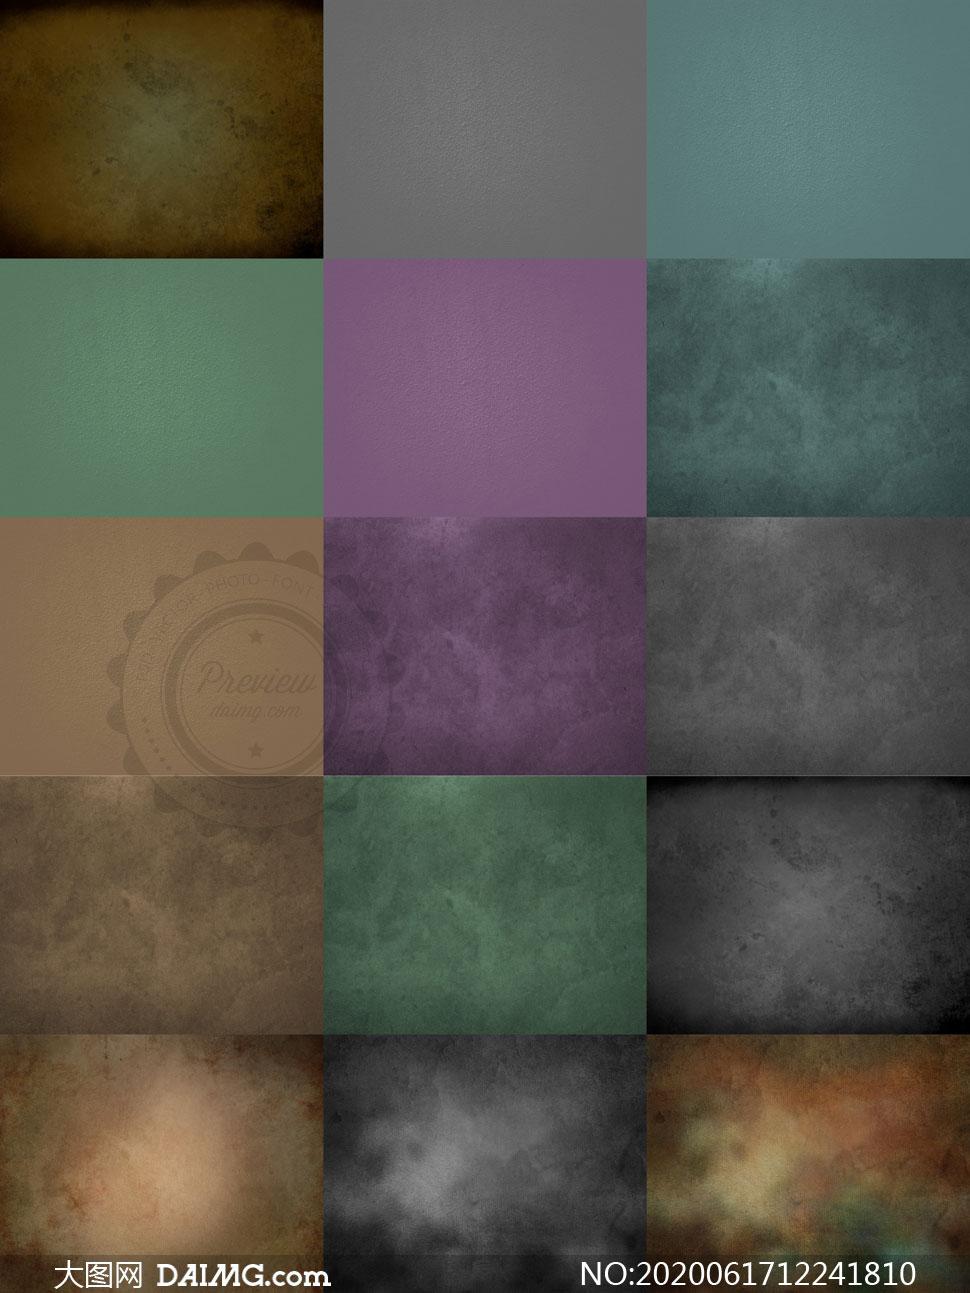 不同配色颓废风格纹理高光适用图片